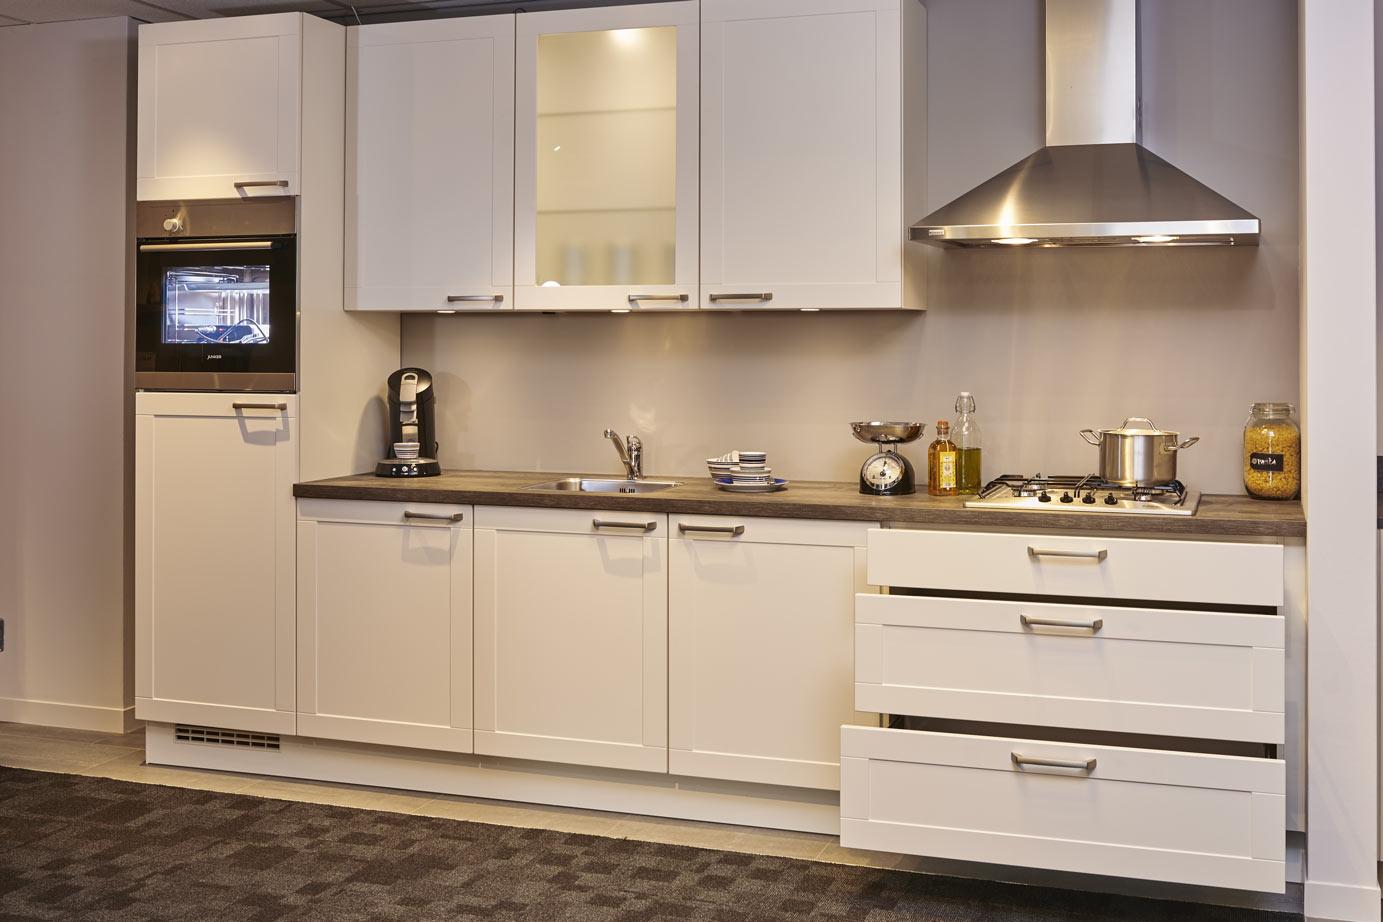 Keuken Wasbak Plaatsen : Kleine keuken: kookeiland of hoekkeuken? Bekijk de mogelijkheden. – DB